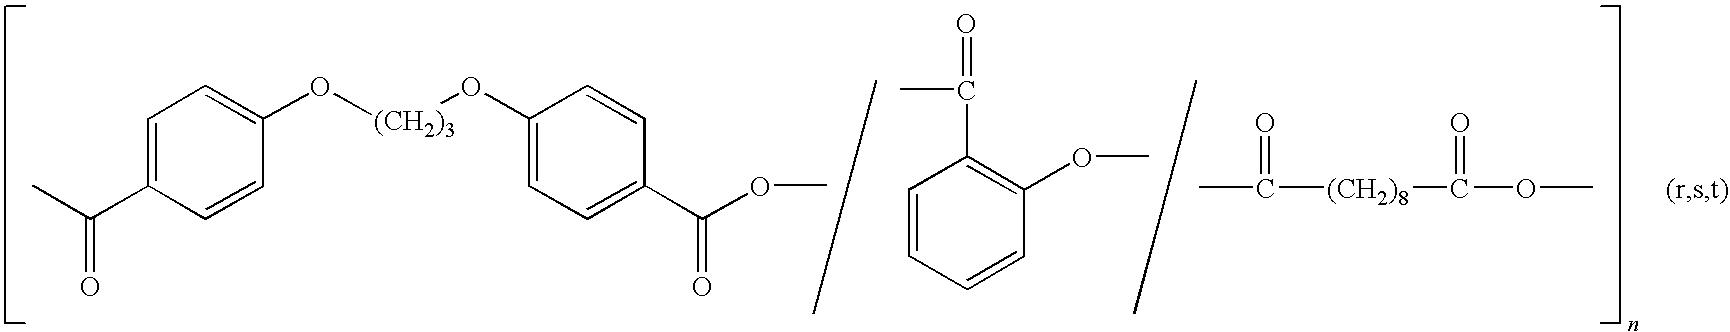 Figure US07875283-20110125-C00002